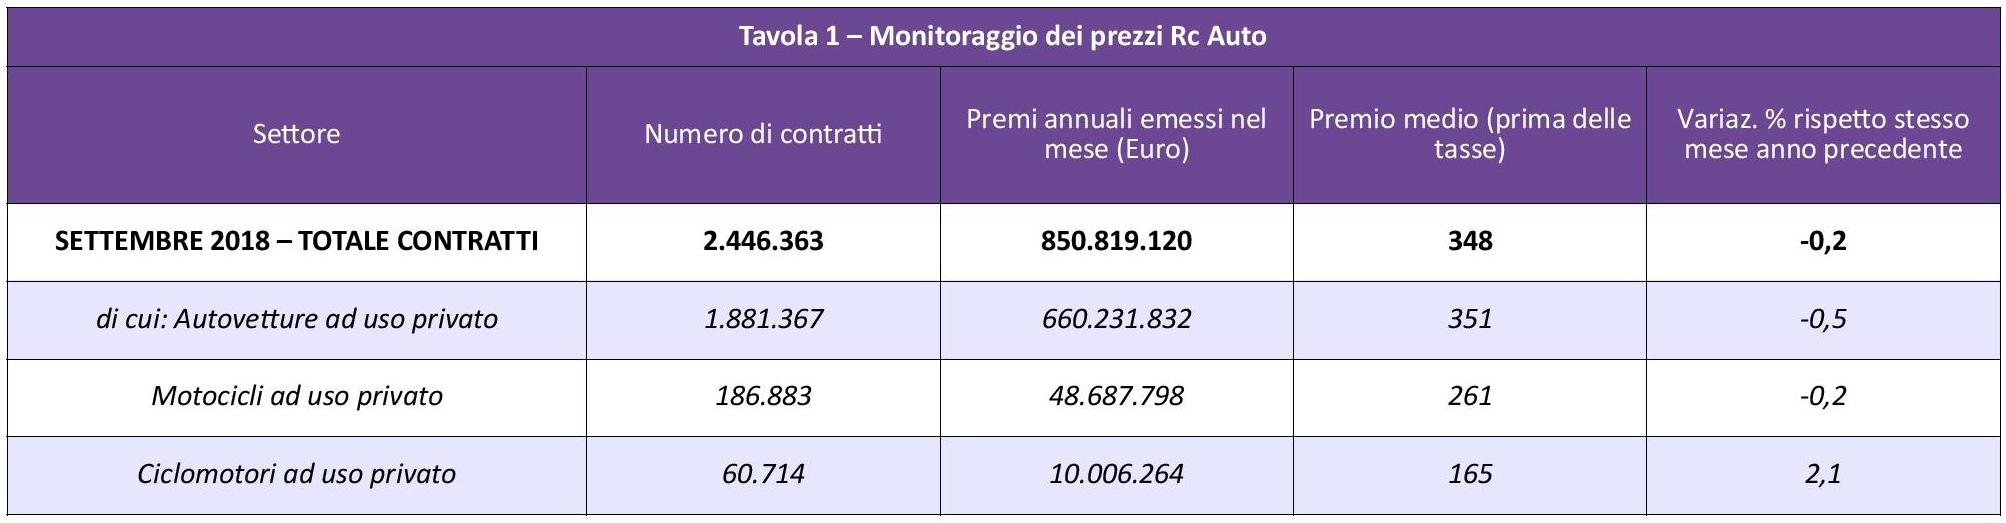 ANIA - Monitoraggio prezzi Rc Auto - Settembre 2018 IMC